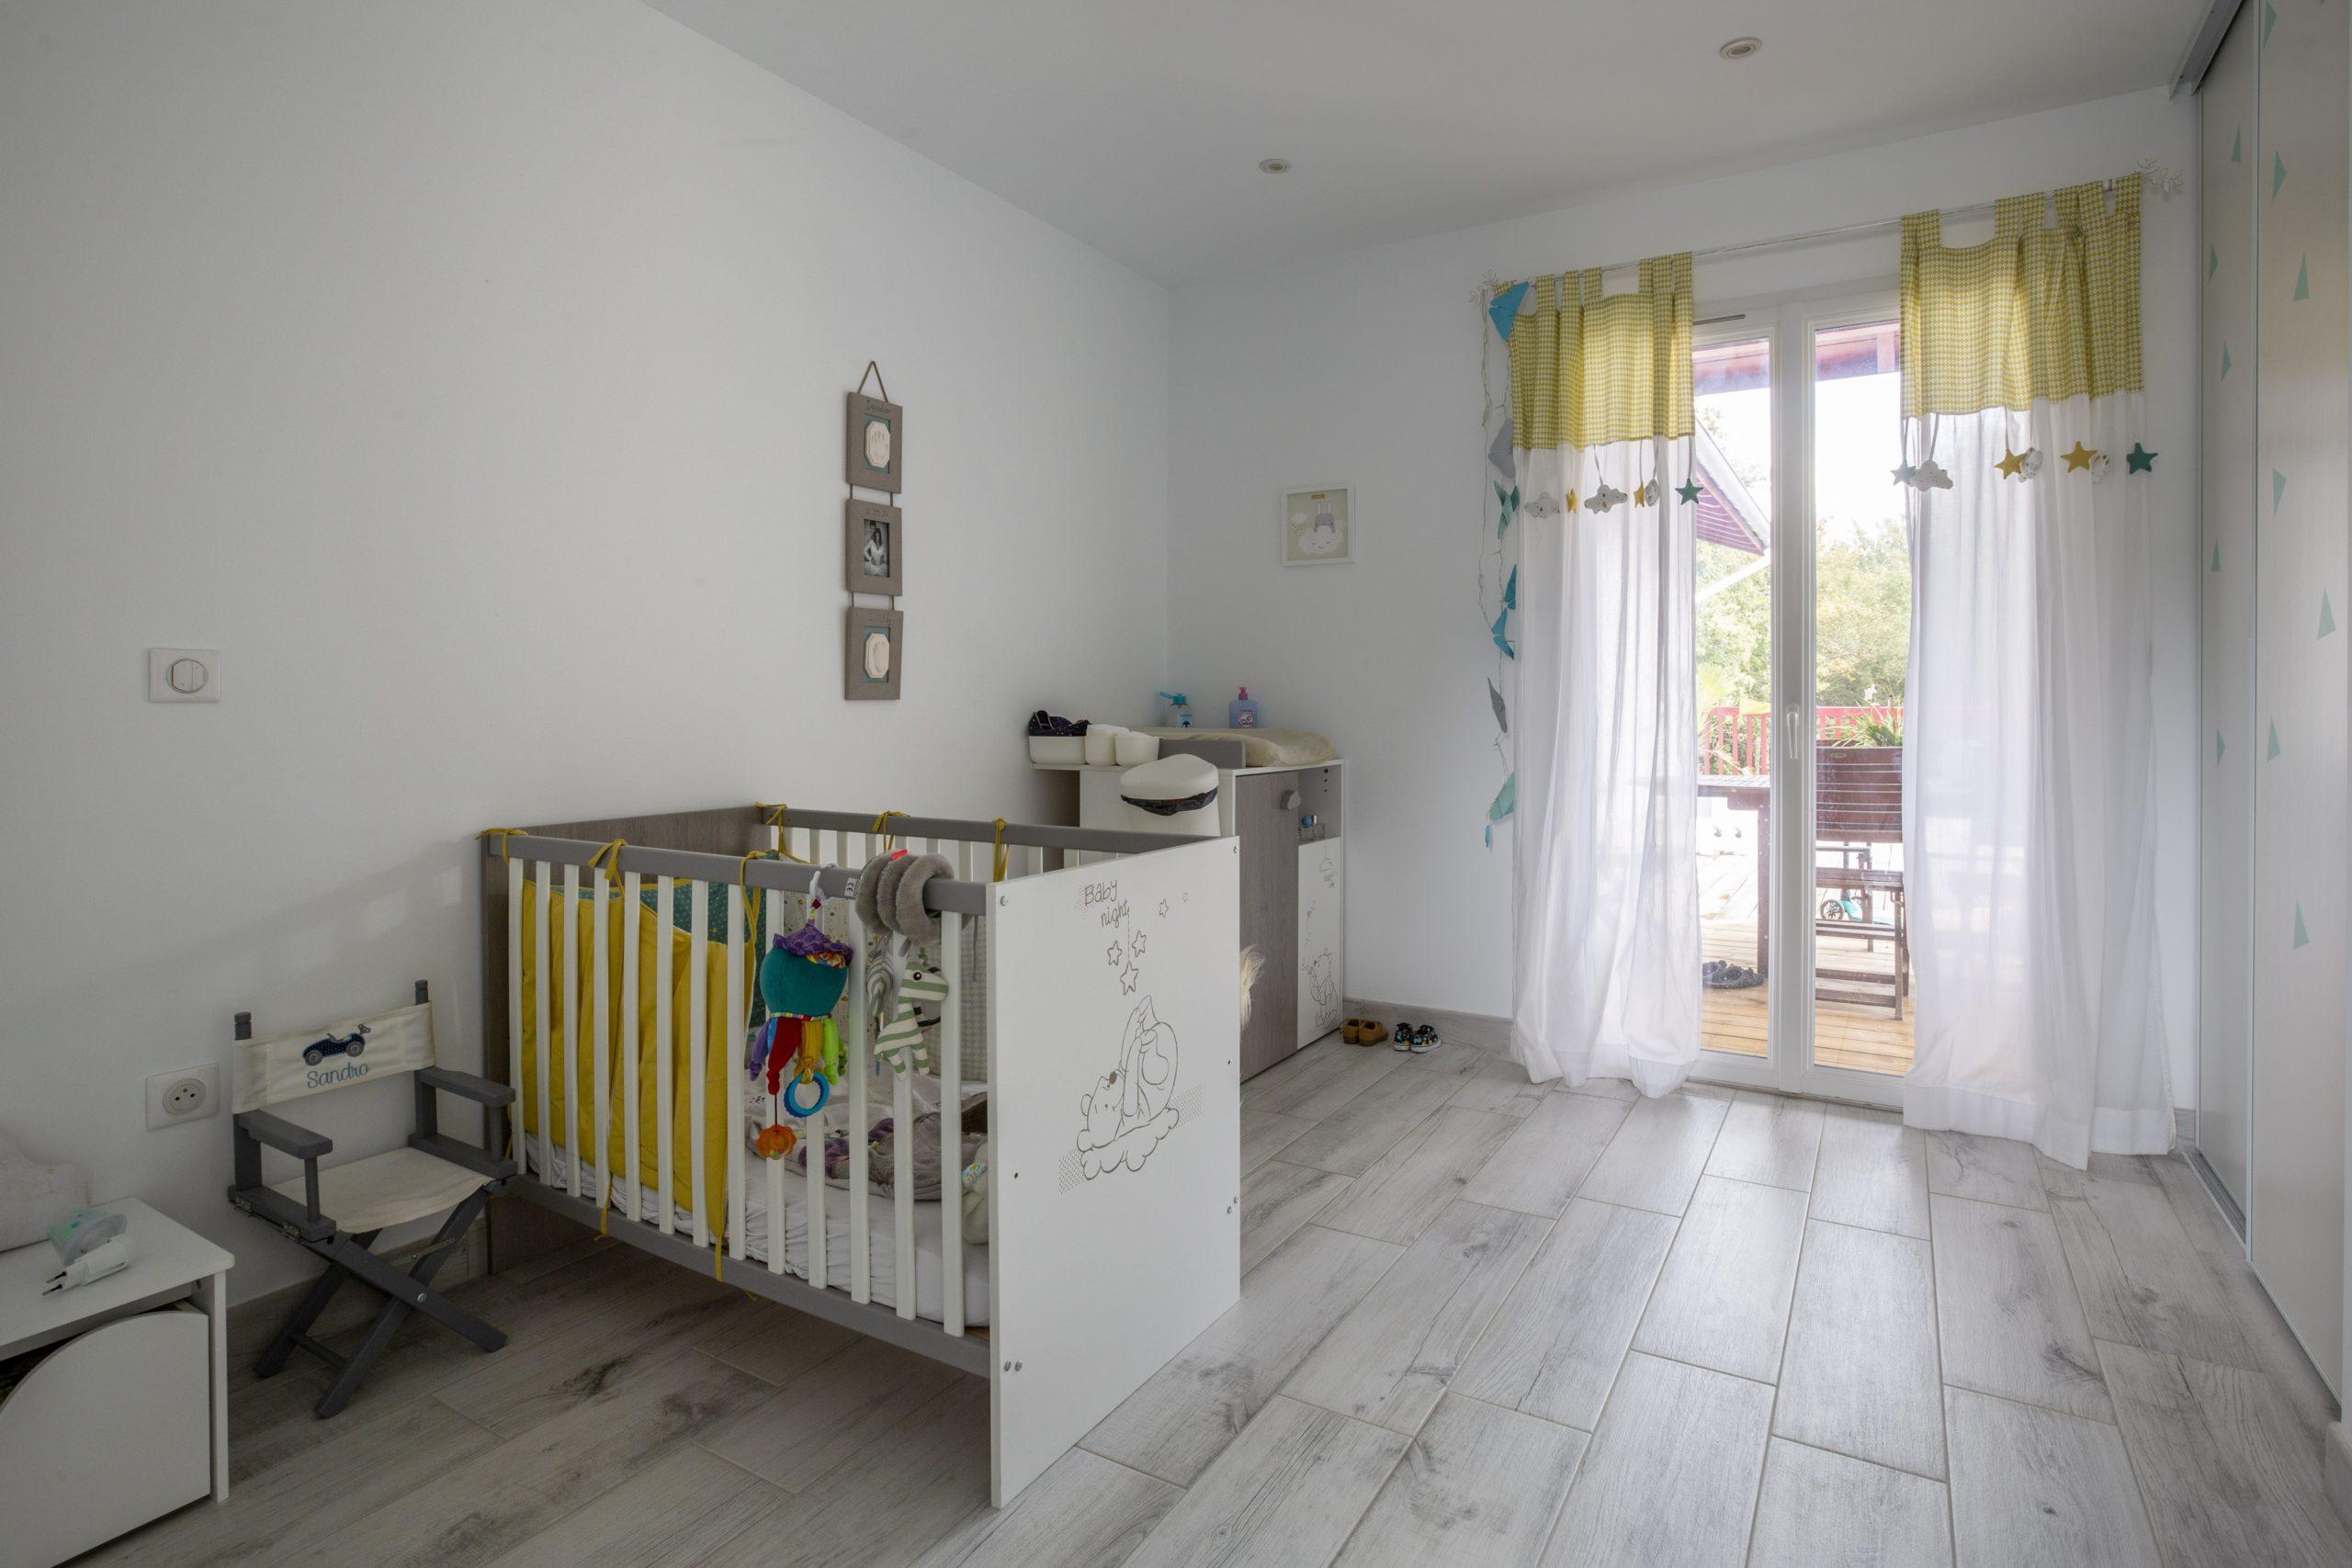 Atelier Plurielles Architectures - Maison Basque à Briscous - chambre enfant